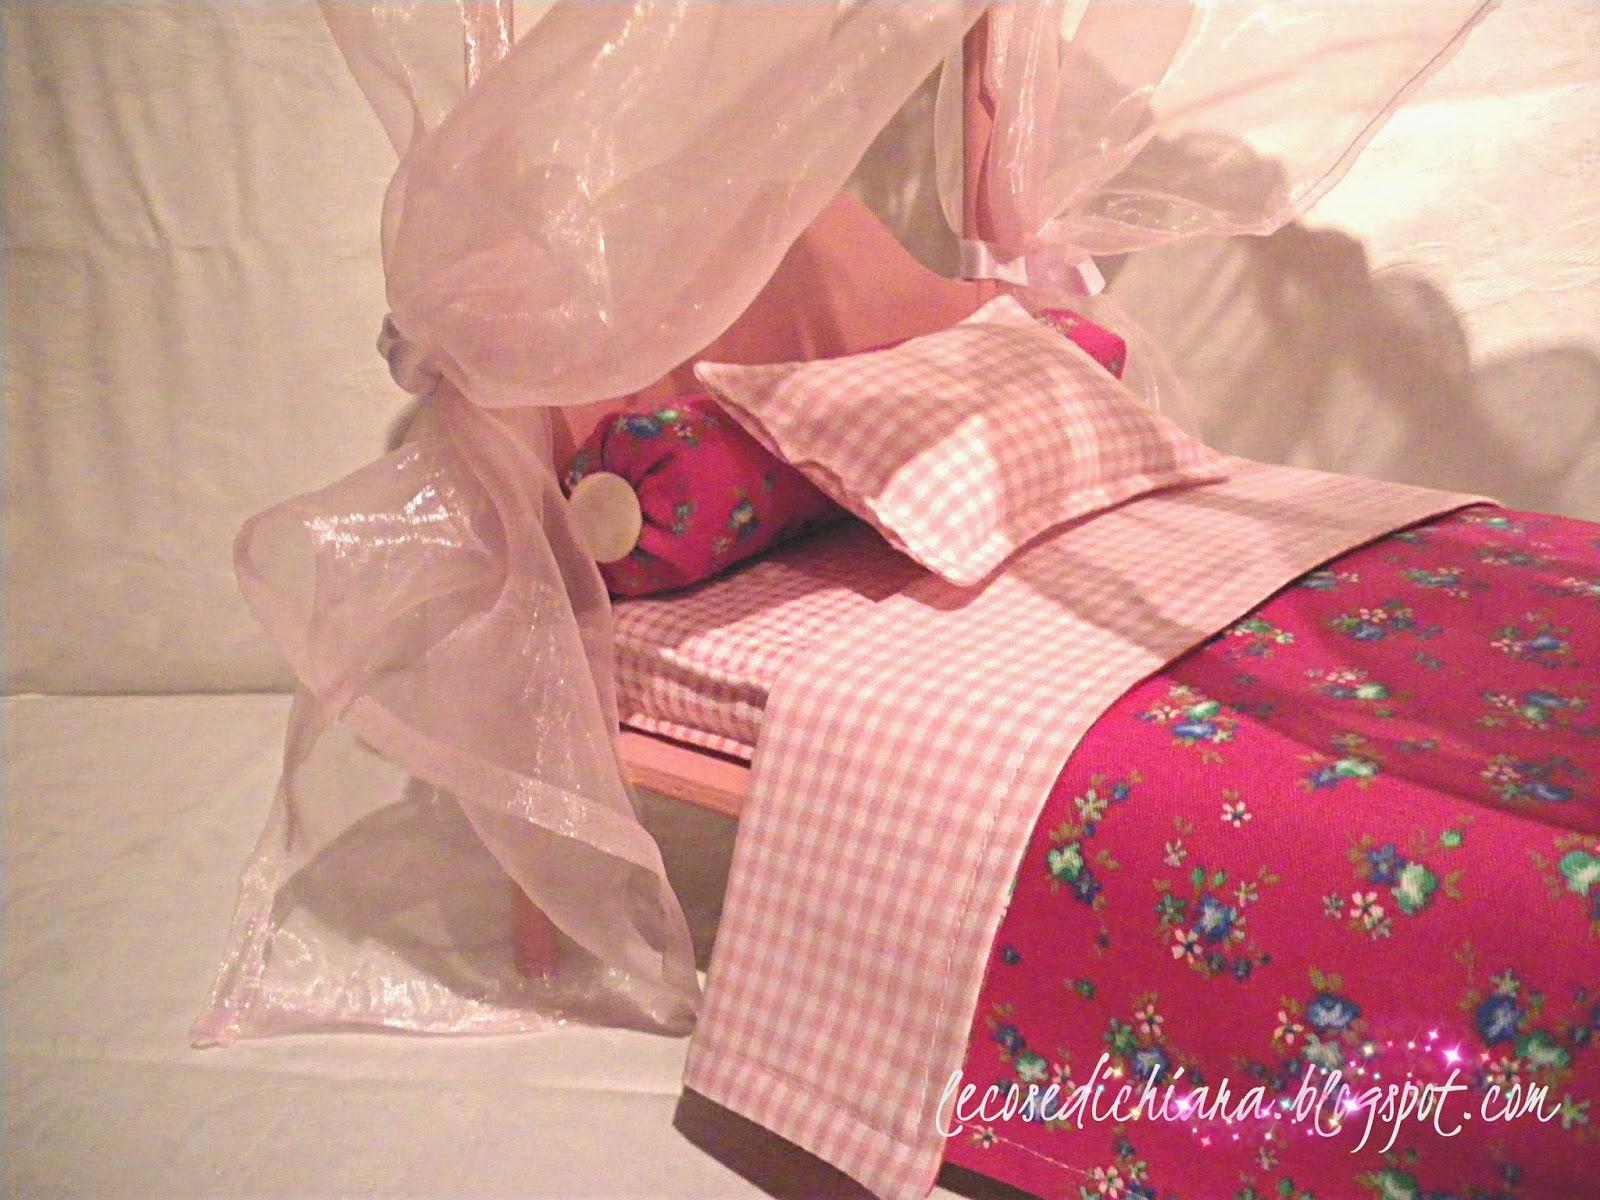 Lecosedichiara tutorial il letto a baldacchino di barbie - Struttura per letto a baldacchino ...